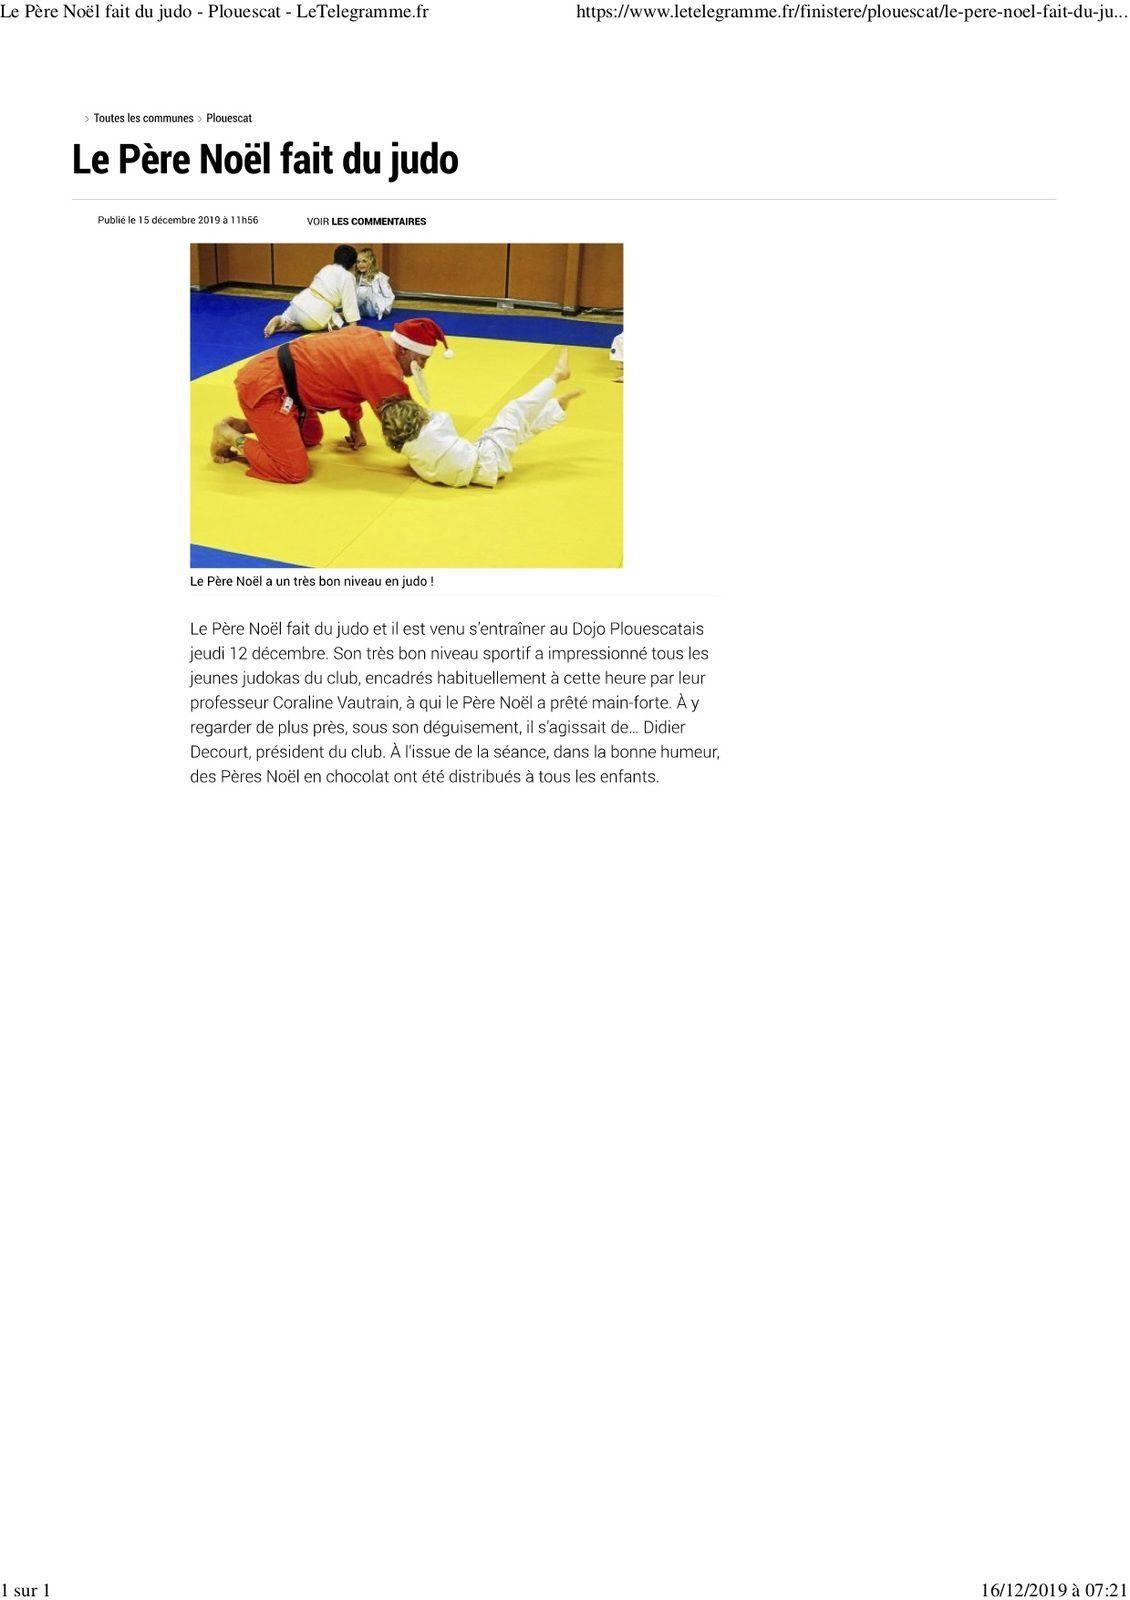 Le Père Noël fait du Judo à Plouescat.